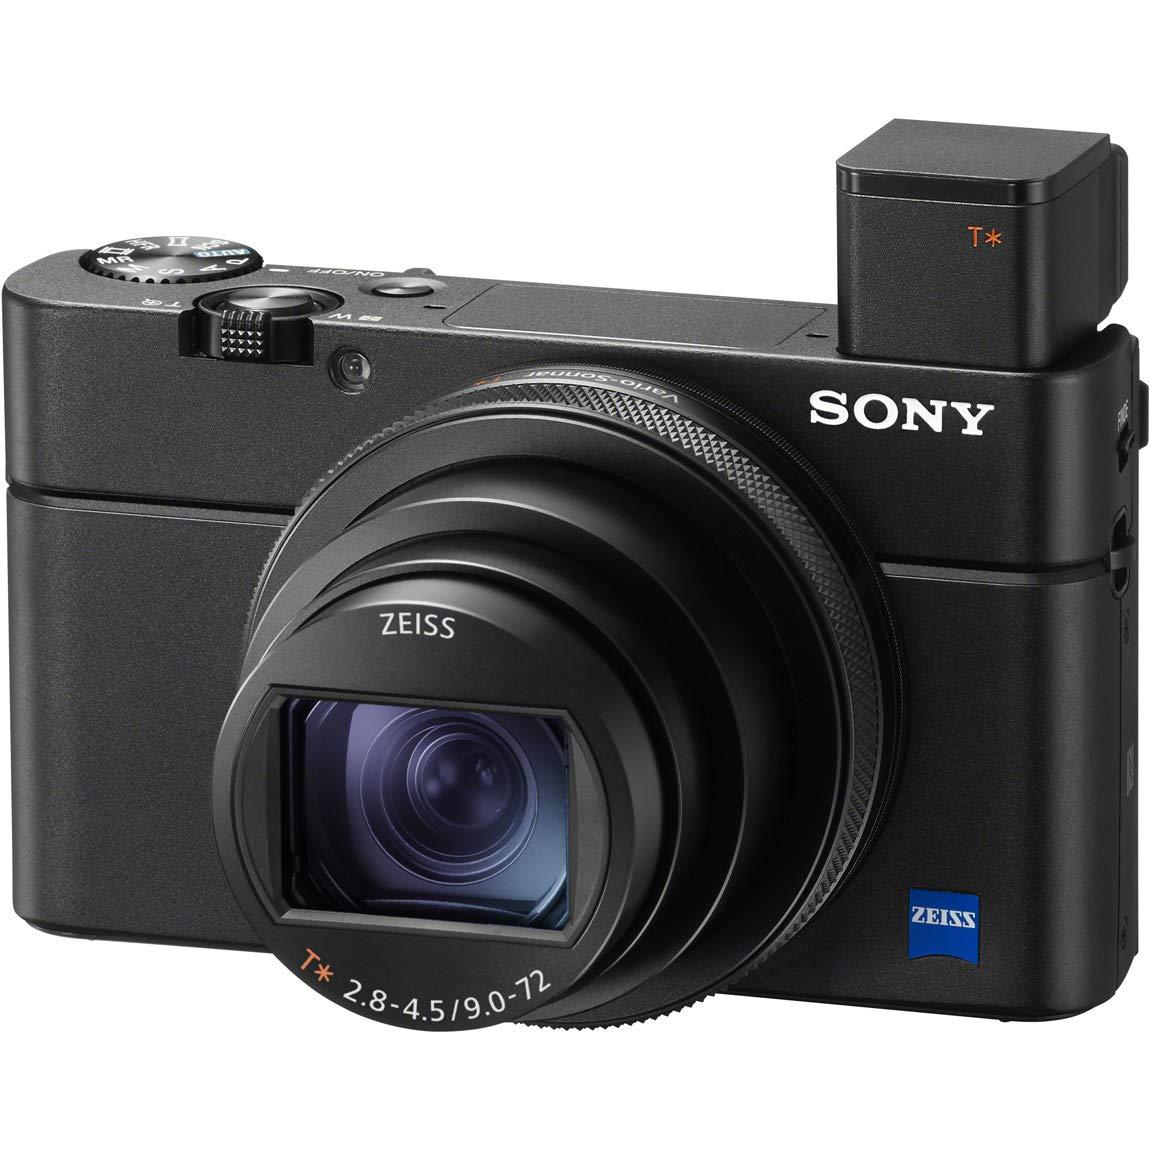 デジタルカメラ(センサーサイズ:APS-C型CMOS)の商品一覧